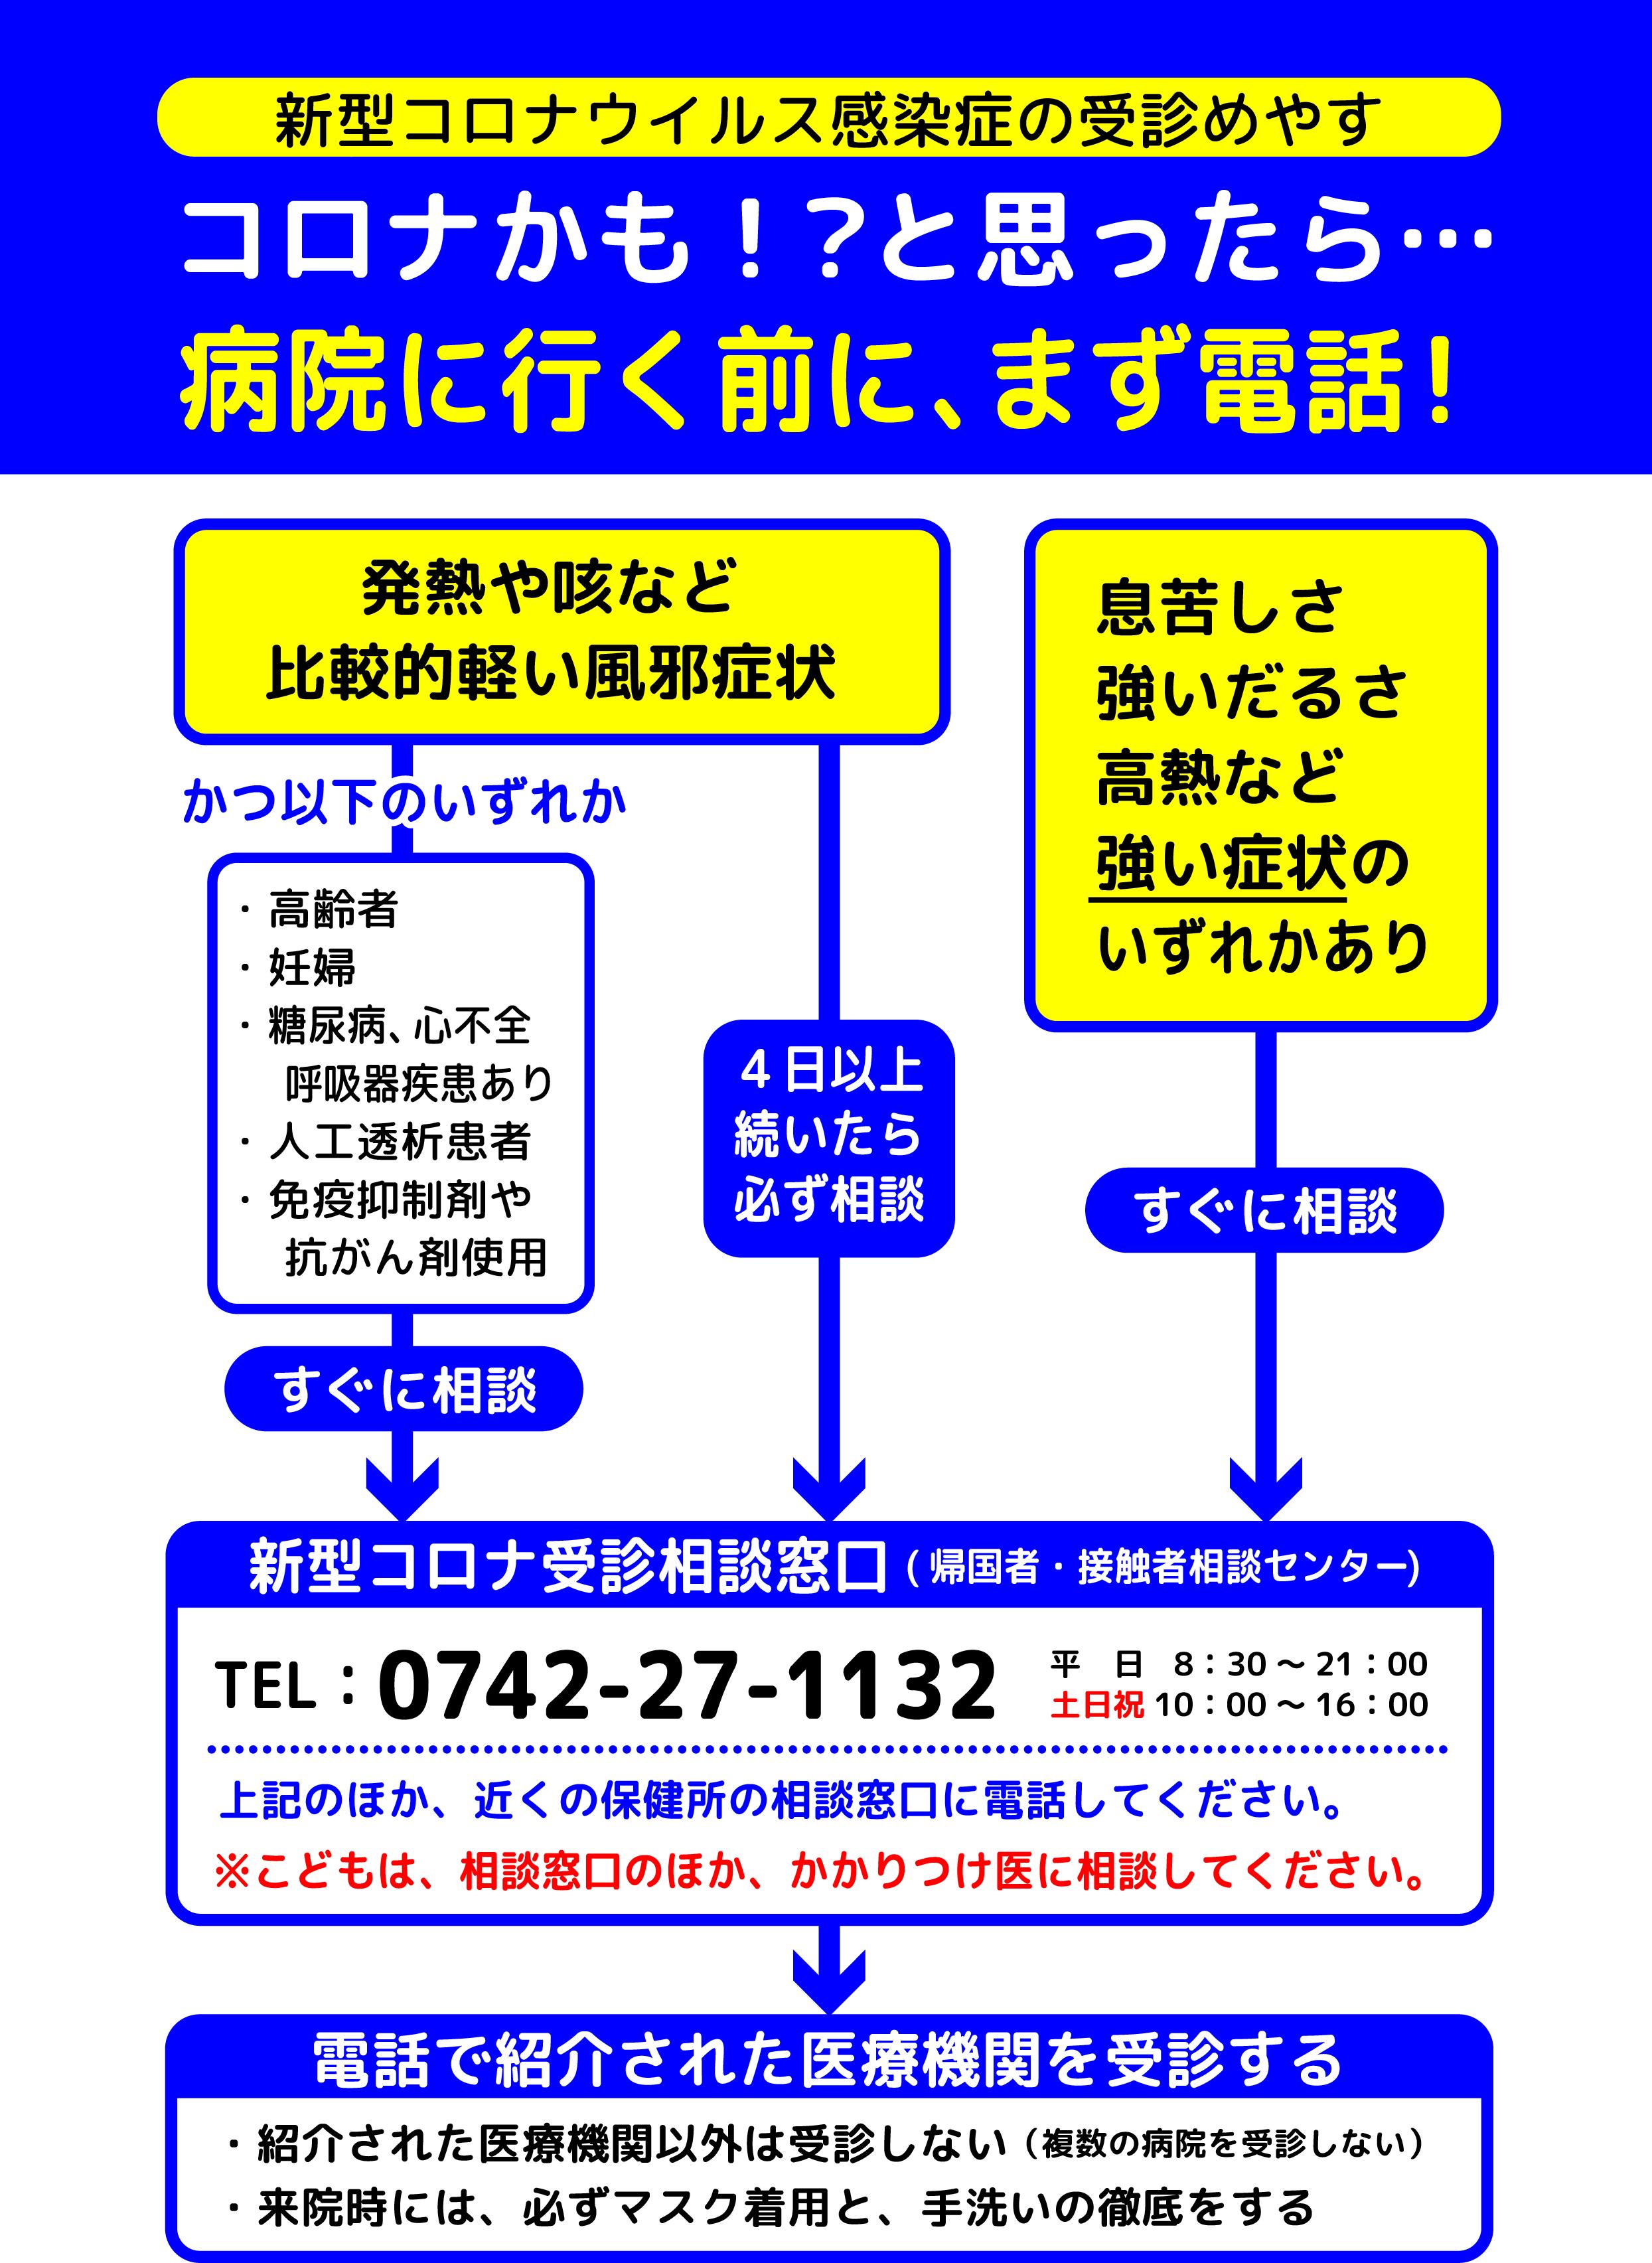 奈良 県 の コロナ 感染 者